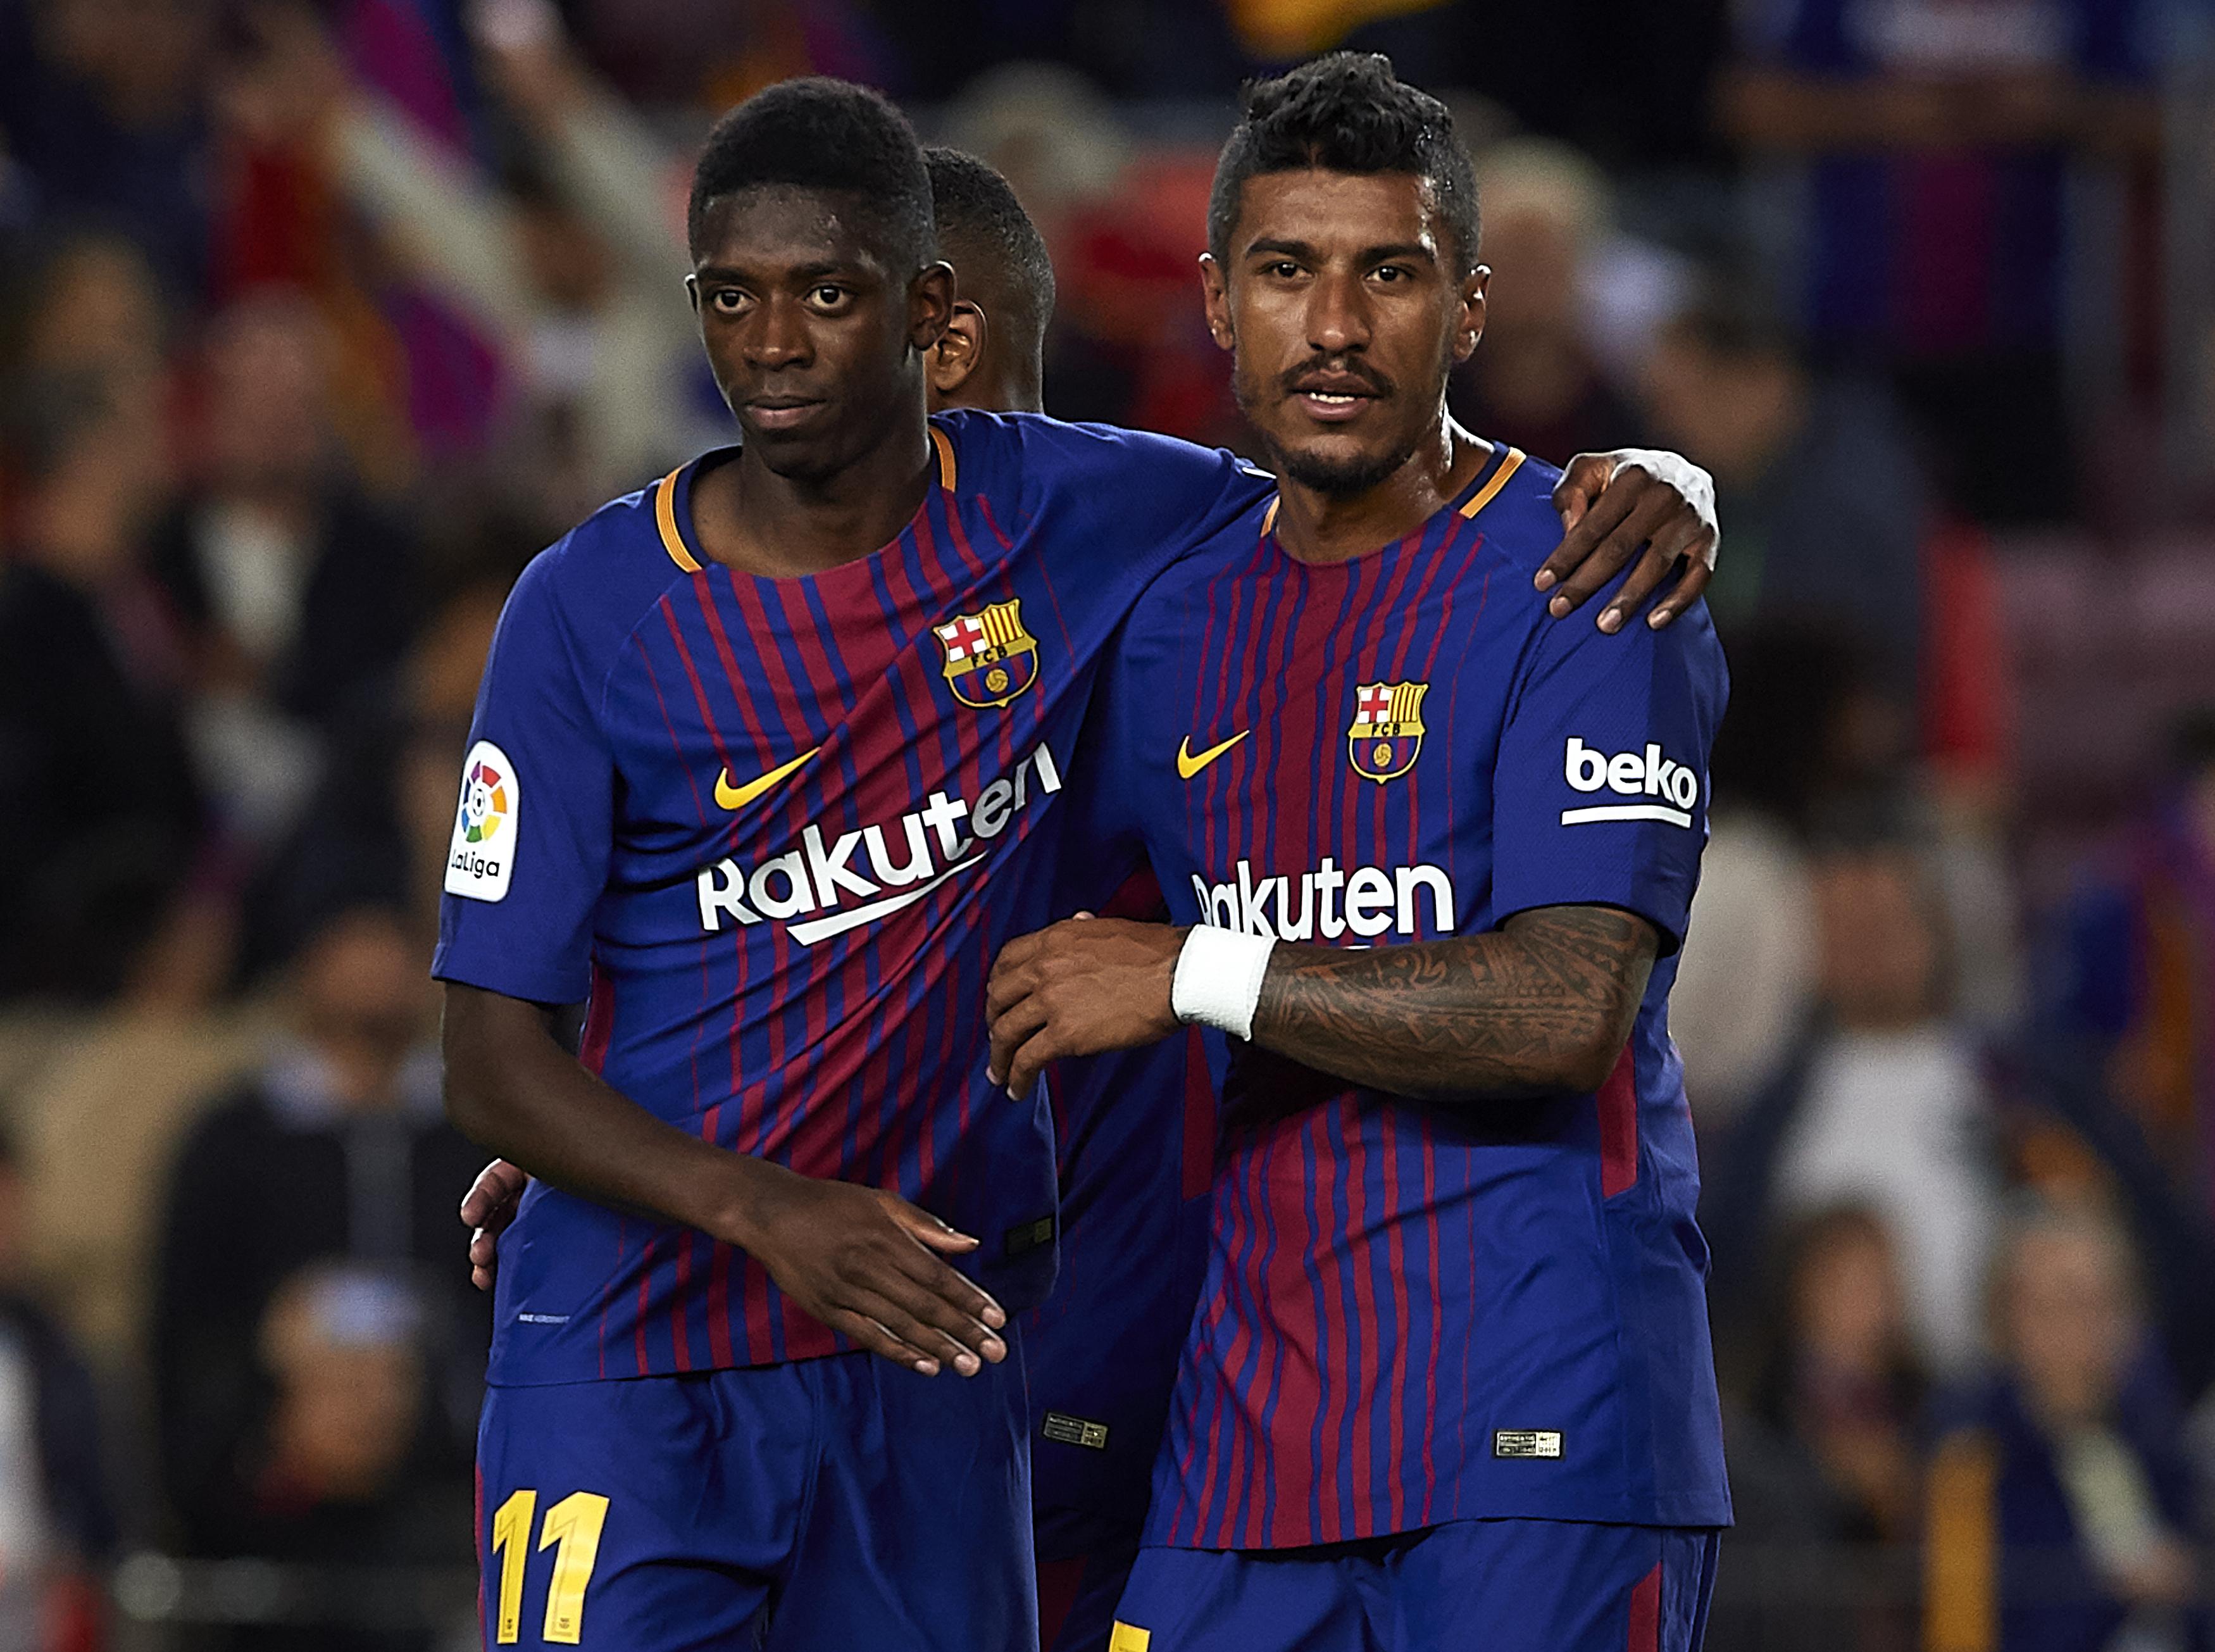 Paulinho Dembele Barcelona